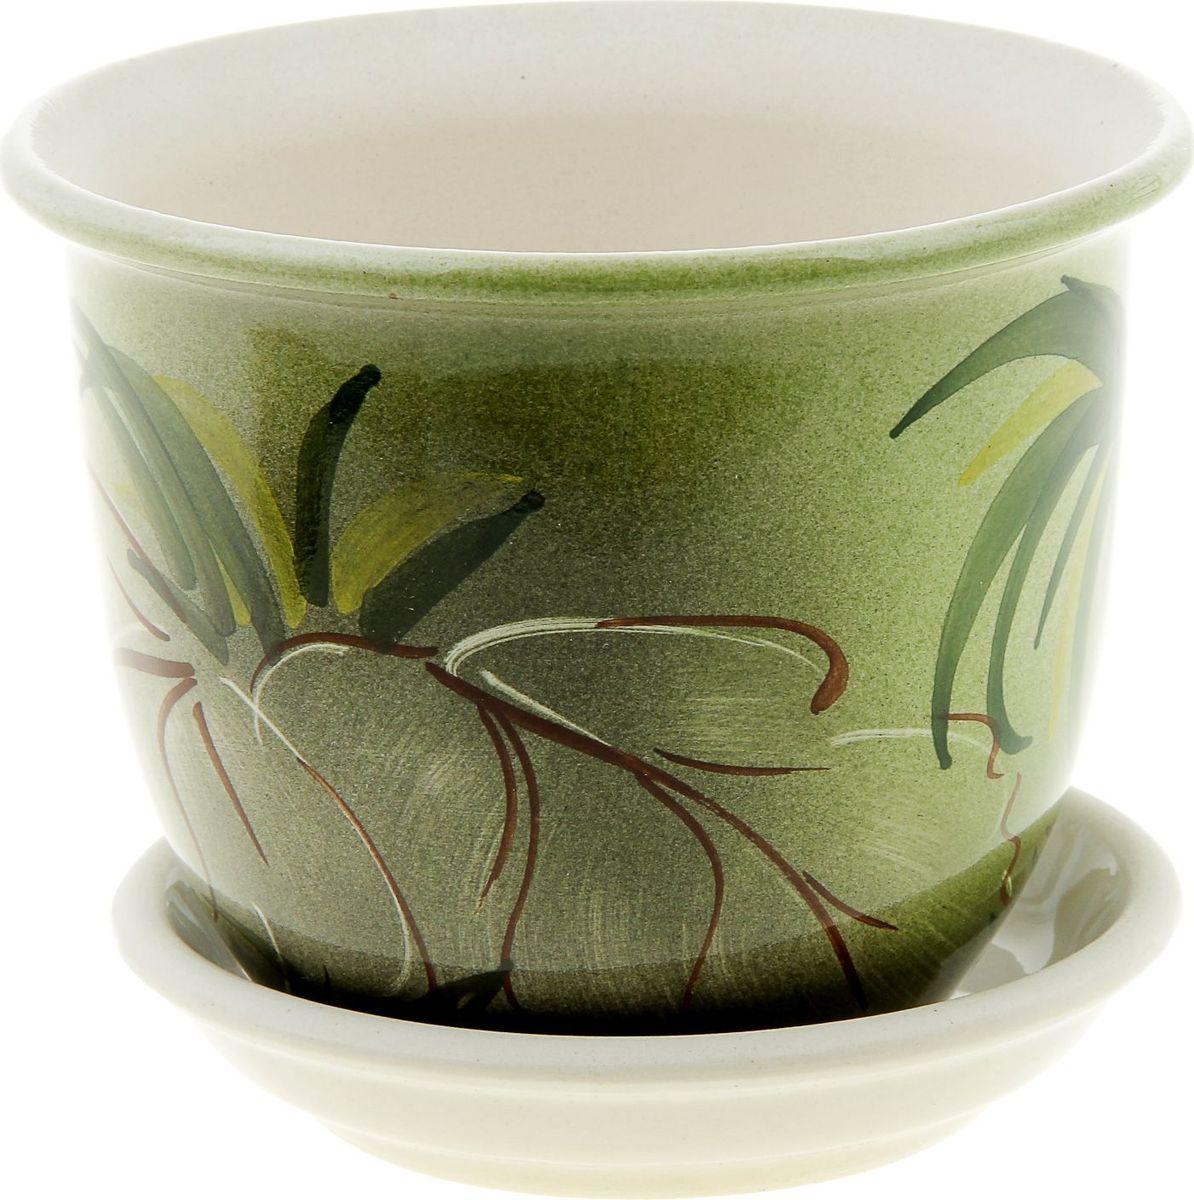 Кашпо Керамика ручной работы Классик. Баунти, 0,5 л835602Комнатные растения — всеобщие любимцы. Они радуют глаз, насыщают помещение кислородом и украшают пространство. Каждому из них необходим свой удобный и красивый дом. Кашпо из керамики прекрасно подходят для высадки растений: за счет пластичности глины и разных способов обработки существует великое множество форм и дизайнов пористый материал позволяет испаряться лишней влаге воздух, необходимый для дыхания корней, проникает сквозь керамические стенки! позаботится о зеленом питомце, освежит интерьер и подчеркнет его стиль.